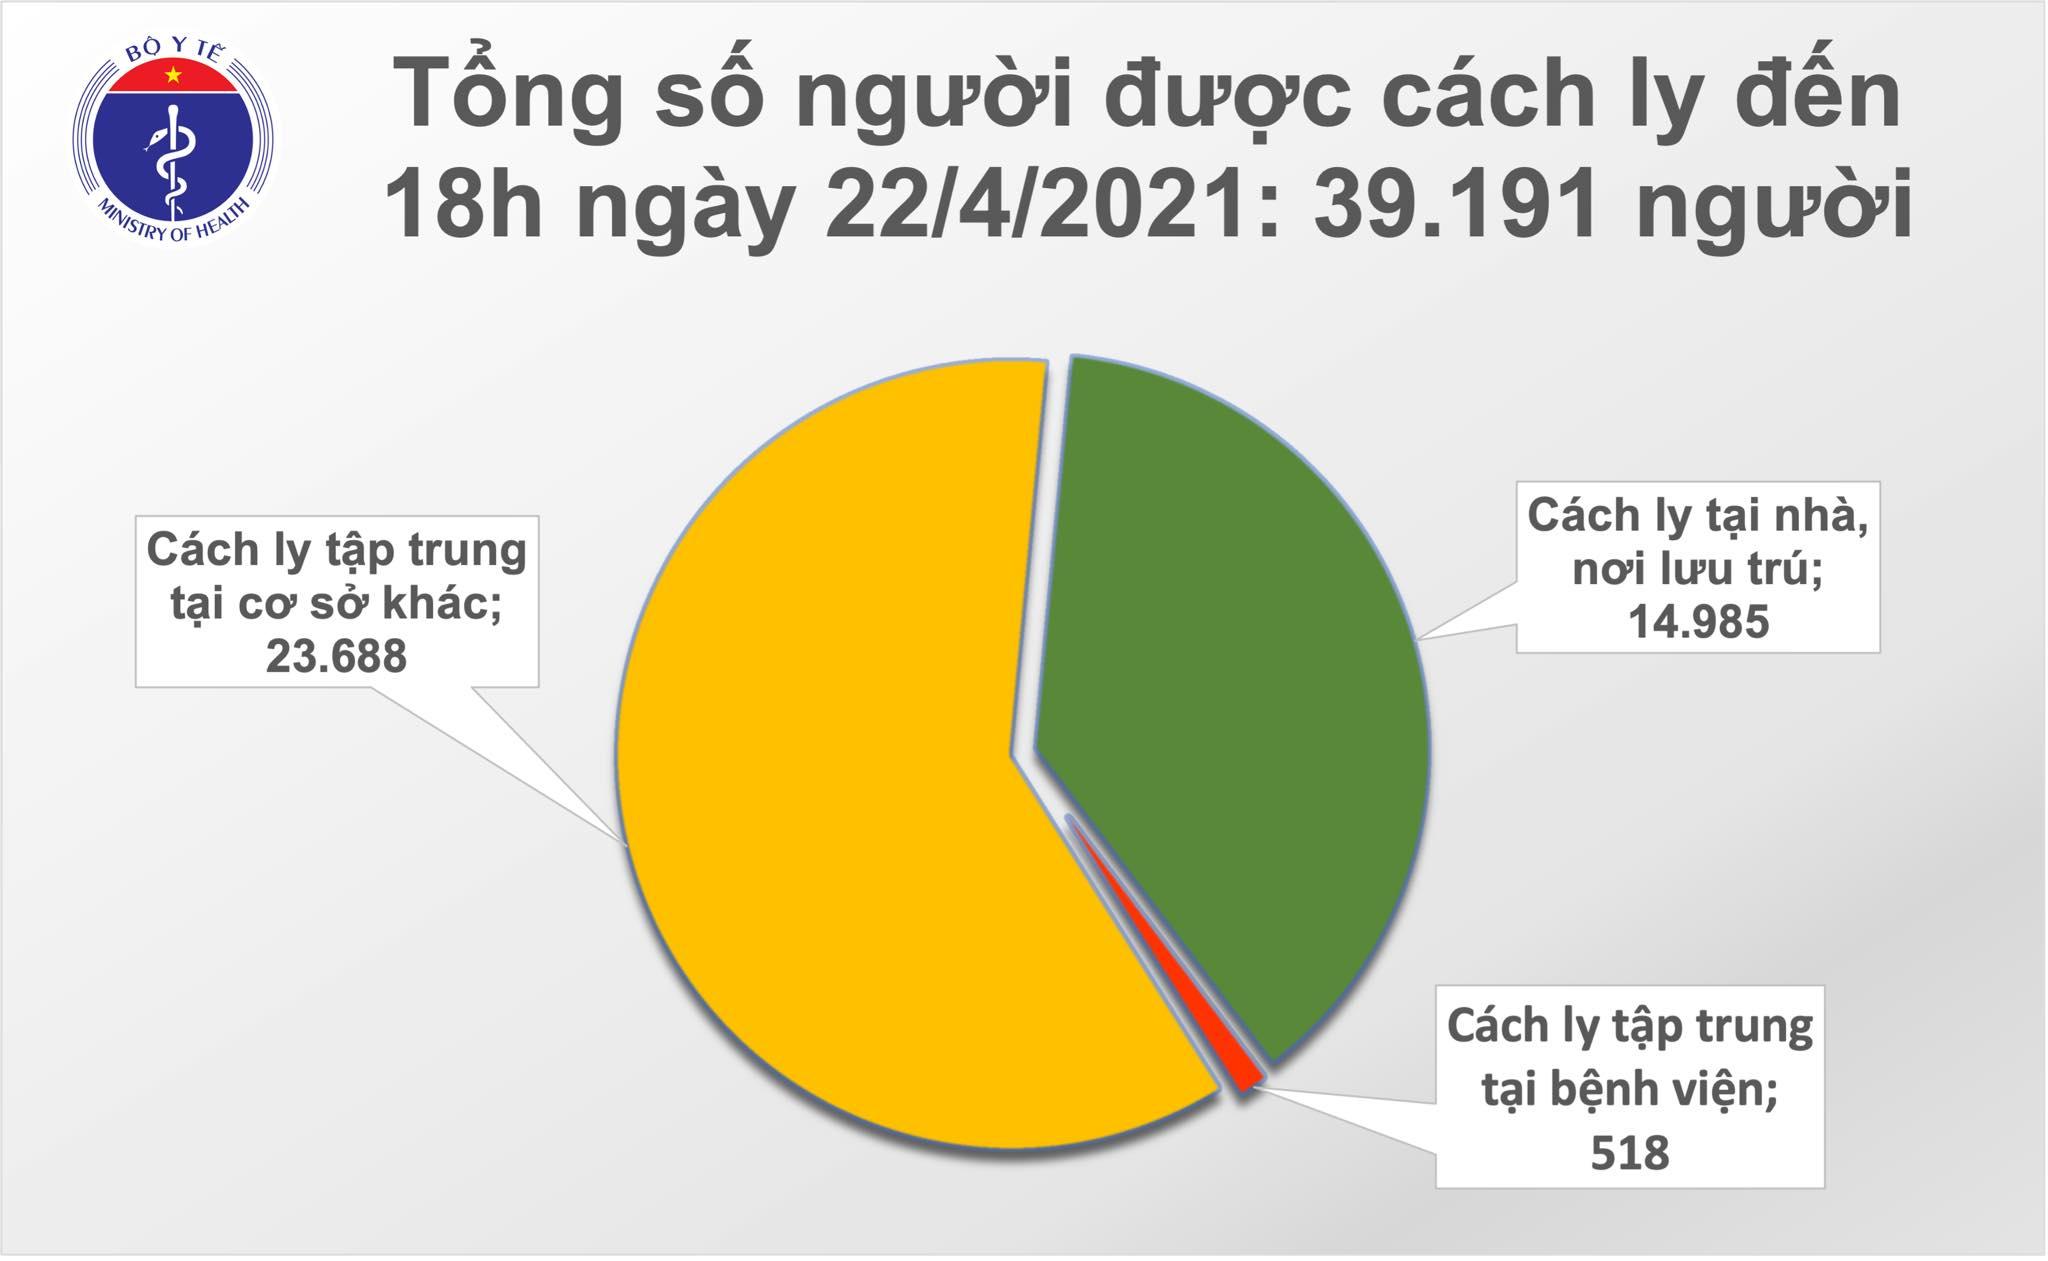 Chiều 22/4: Có 4 ca mắc COVID-19 tại Hà Nội, Phú Yên và Đà Nẵng 1